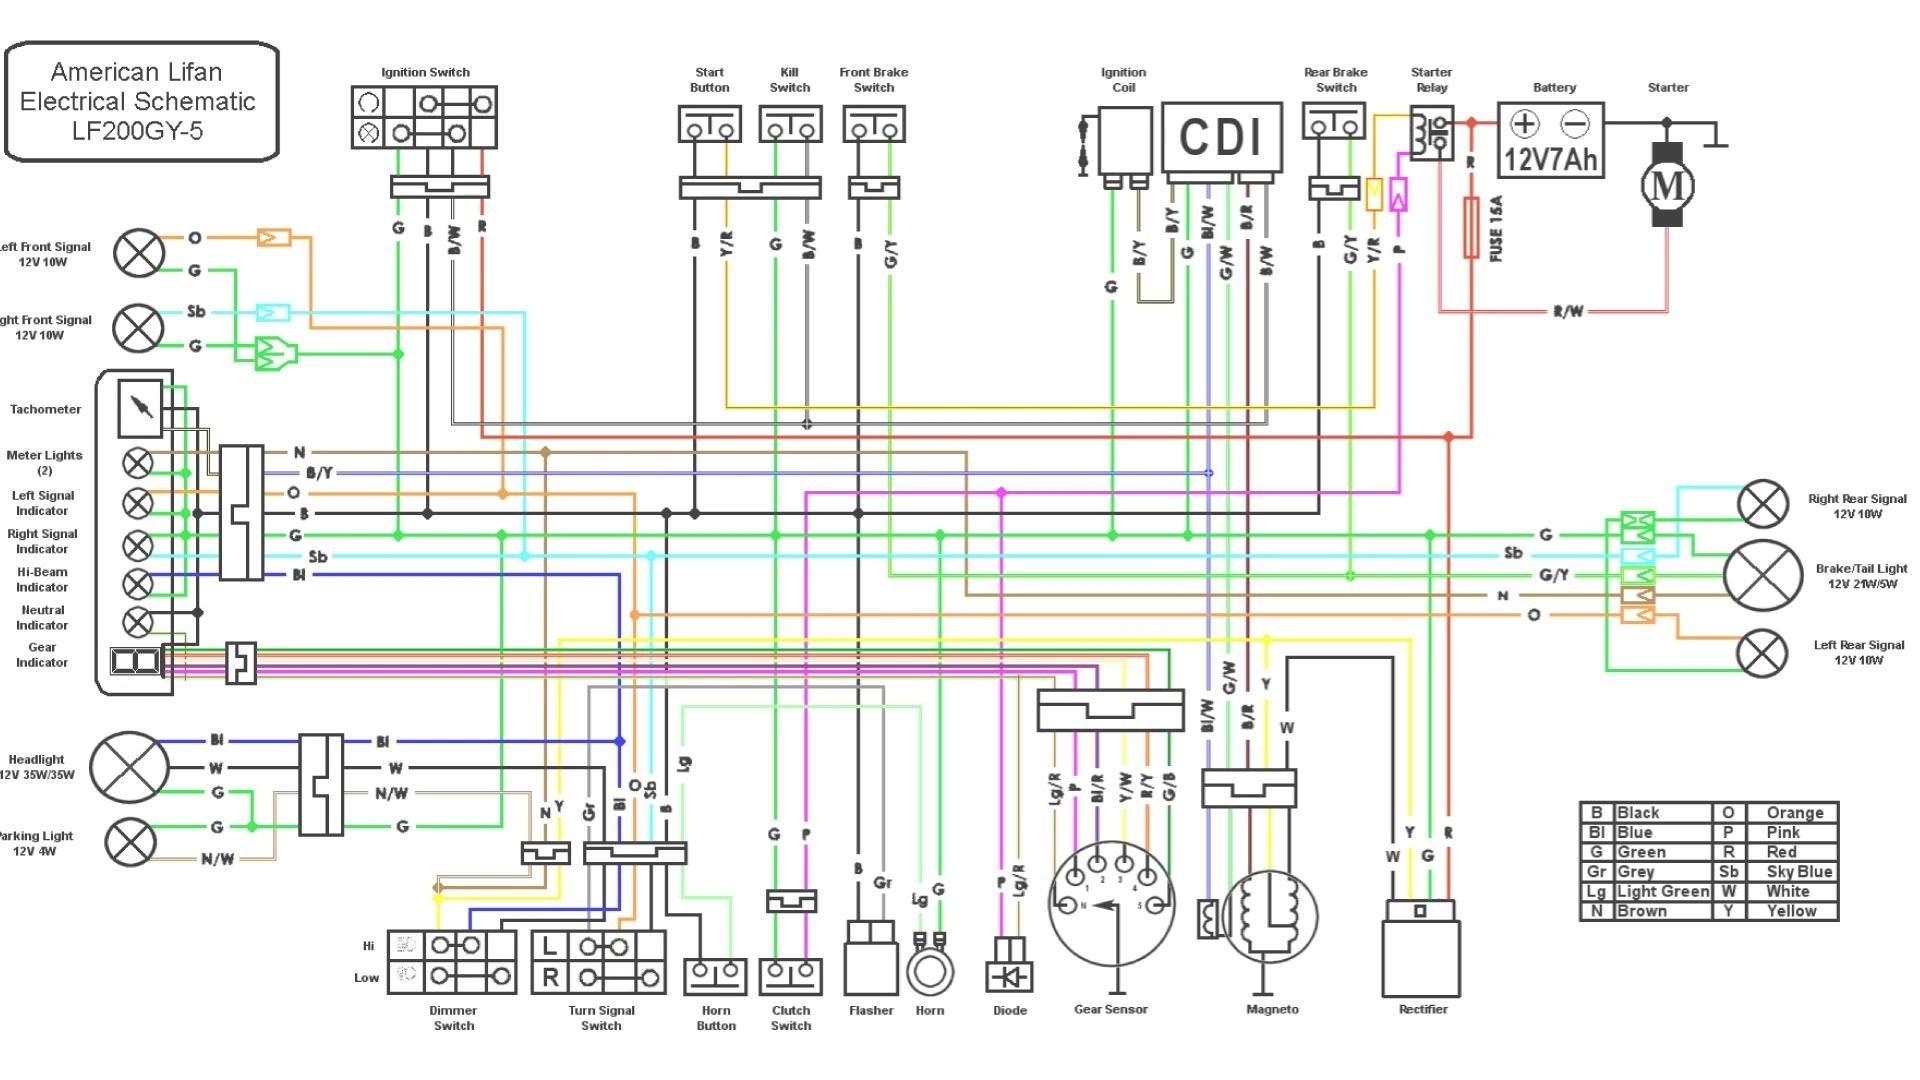 Chinese 4 Wheeler Wiring Diagram 6 Pin Cdi Wiring Diagram Pit Bike - Chinese 4 Wheeler Wiring Diagram